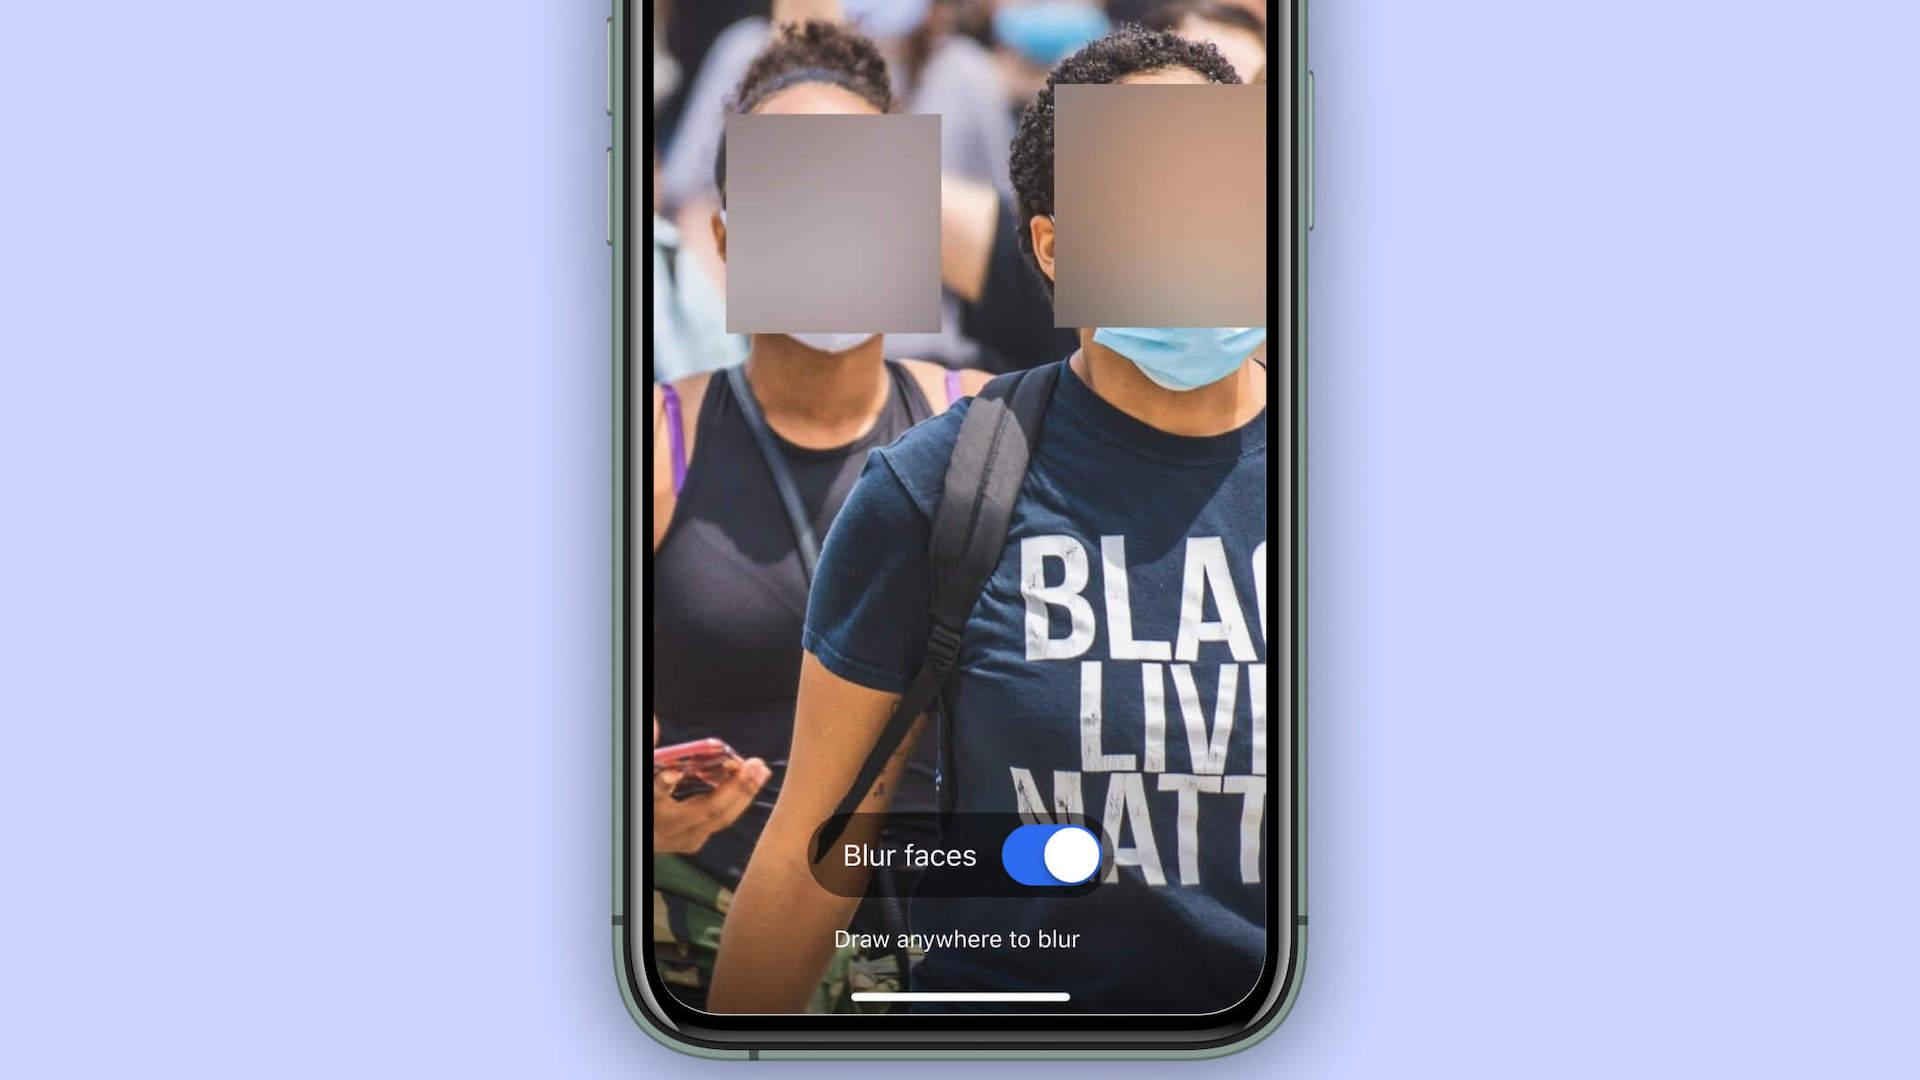 Pour soutenir les manifestants, la messagerie Signal déploie un outil de floutage des visages